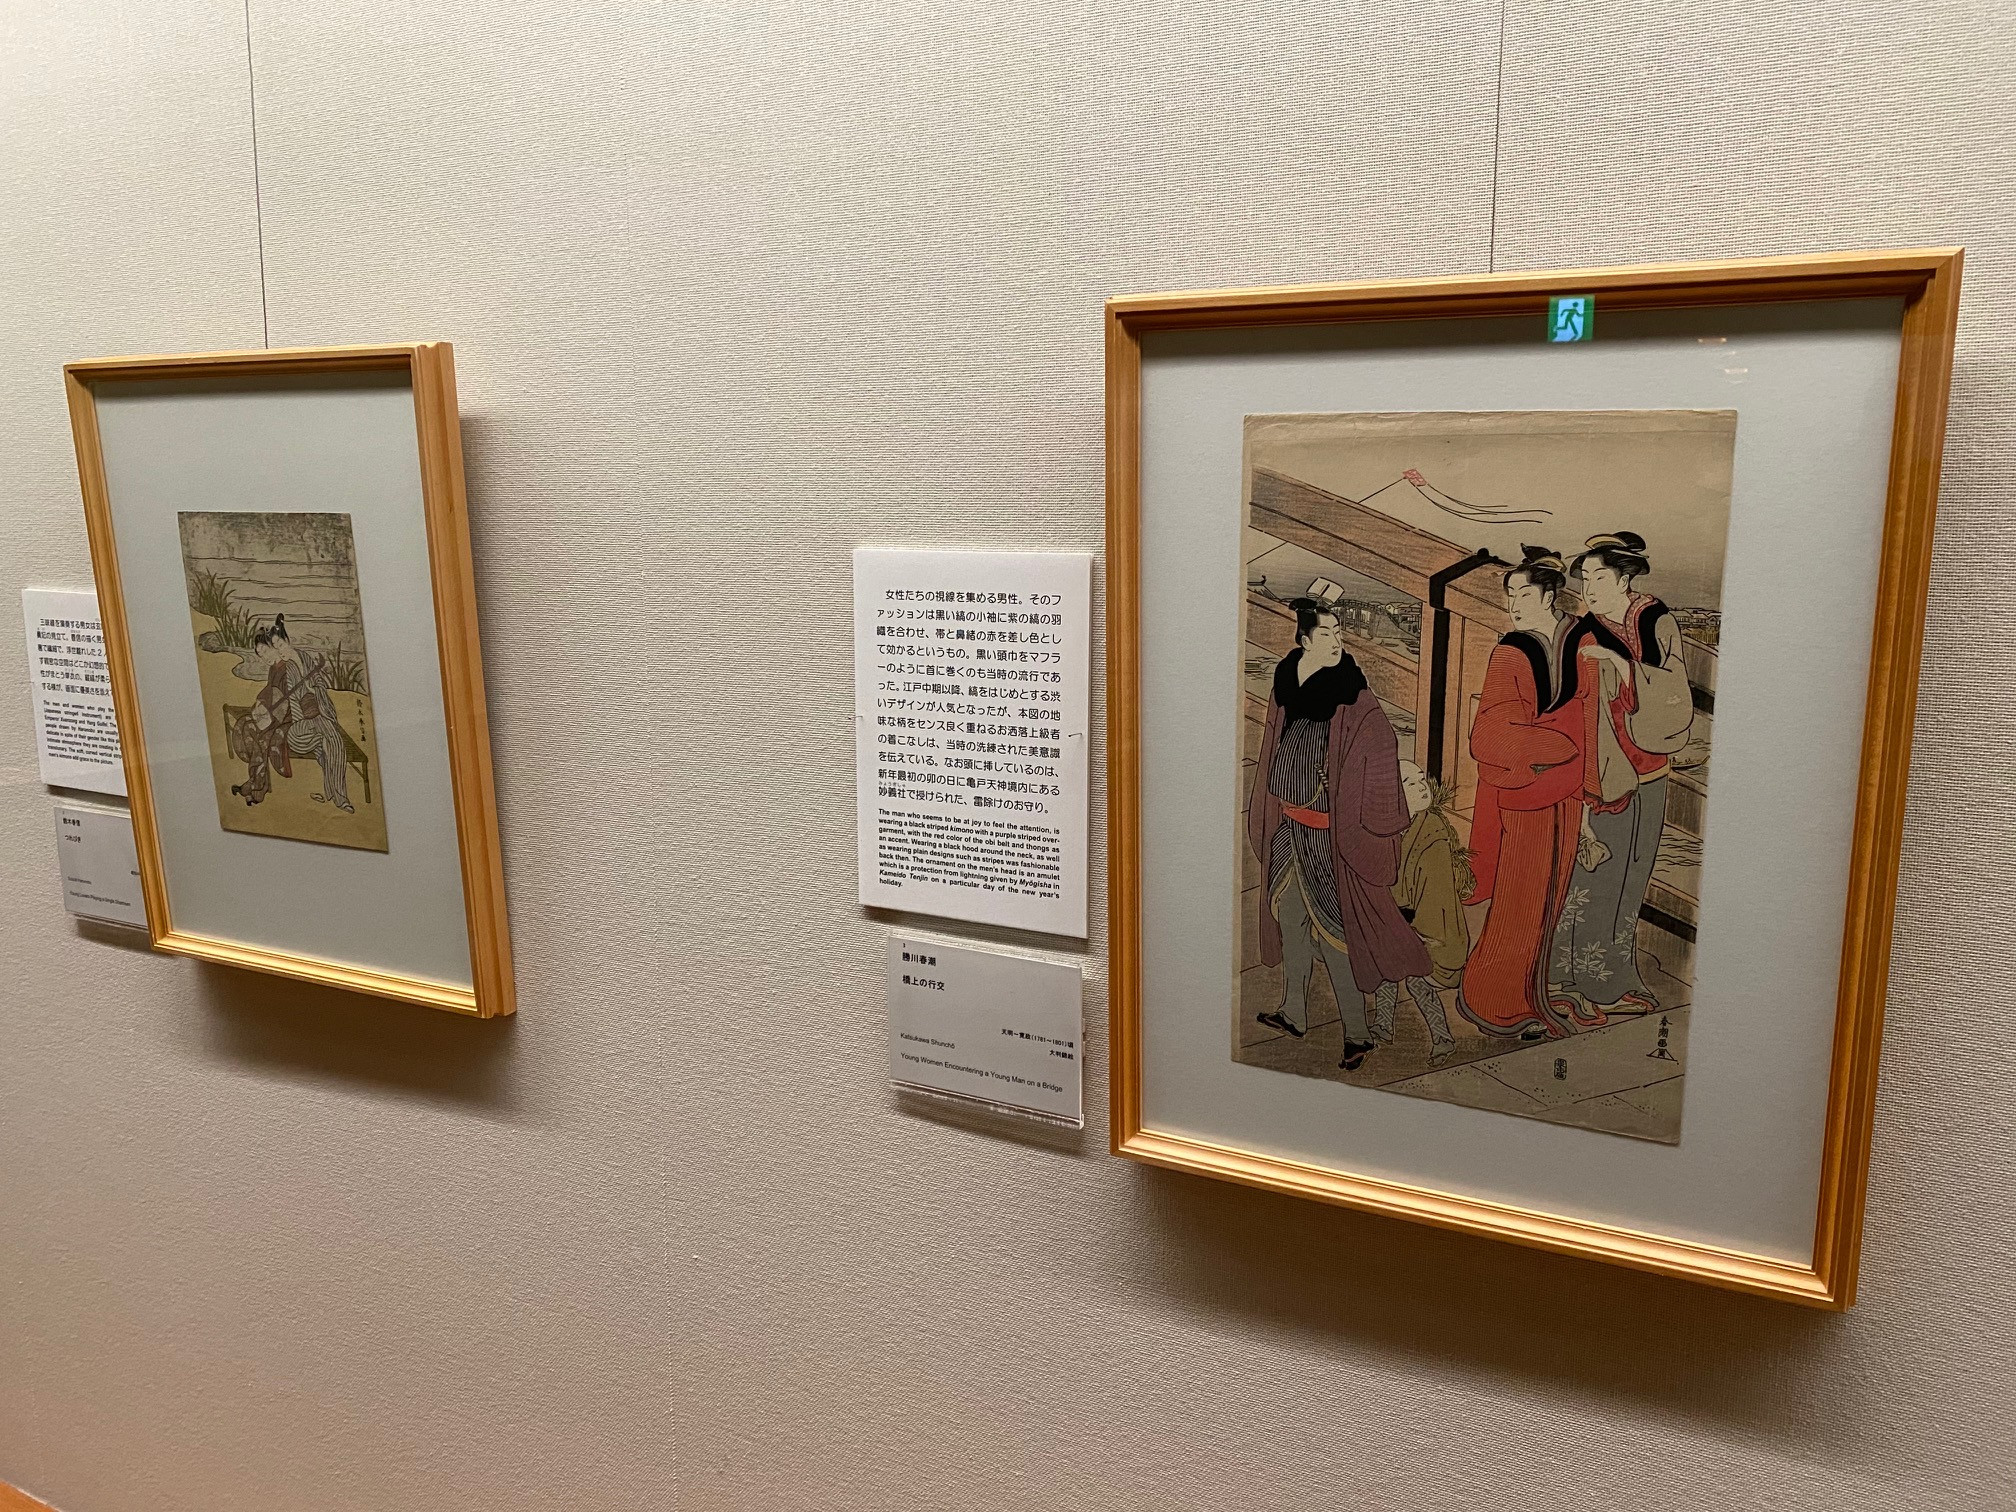 太田記念美術館「和装男子 ― 江戸の粋と色気」会場